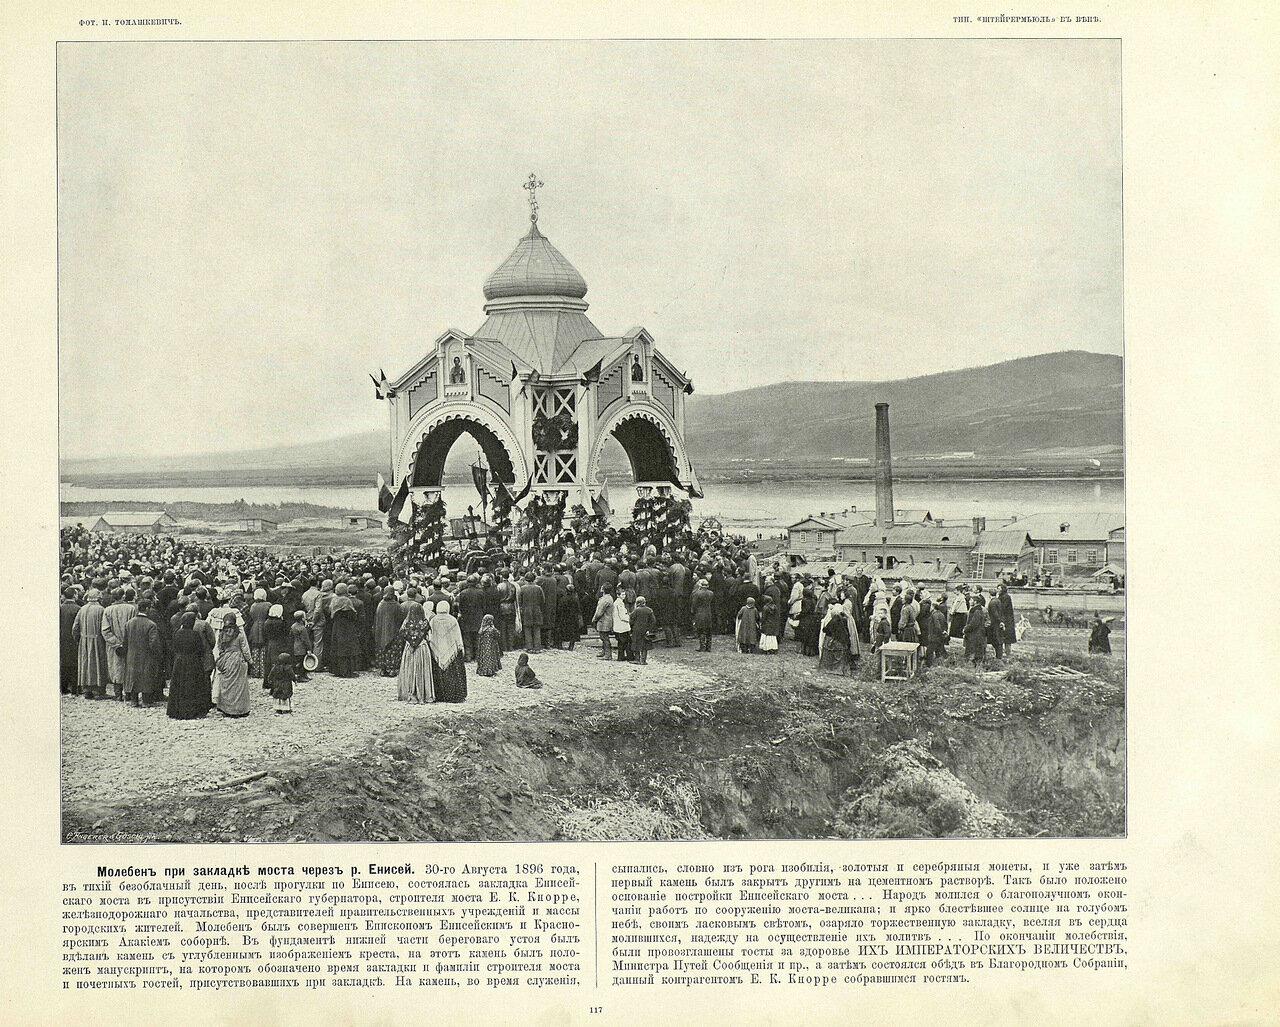 117. Молебен при закладке моста через Енисей